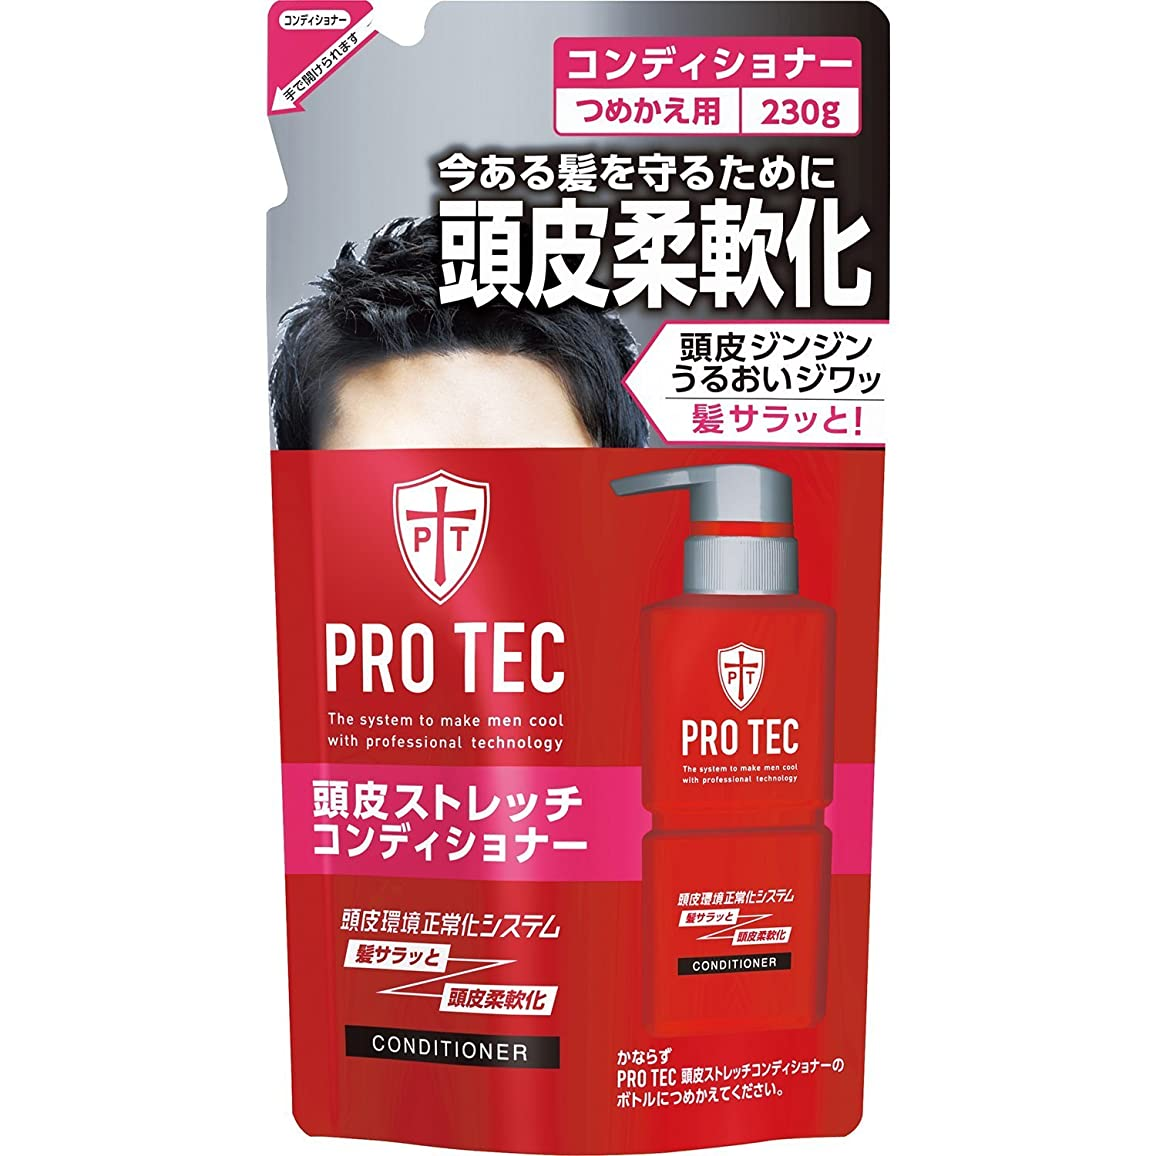 飽和するフェードアウト待ってPRO TEC(プロテク) 頭皮ストレッチ コンディショナー 詰め替え 230g